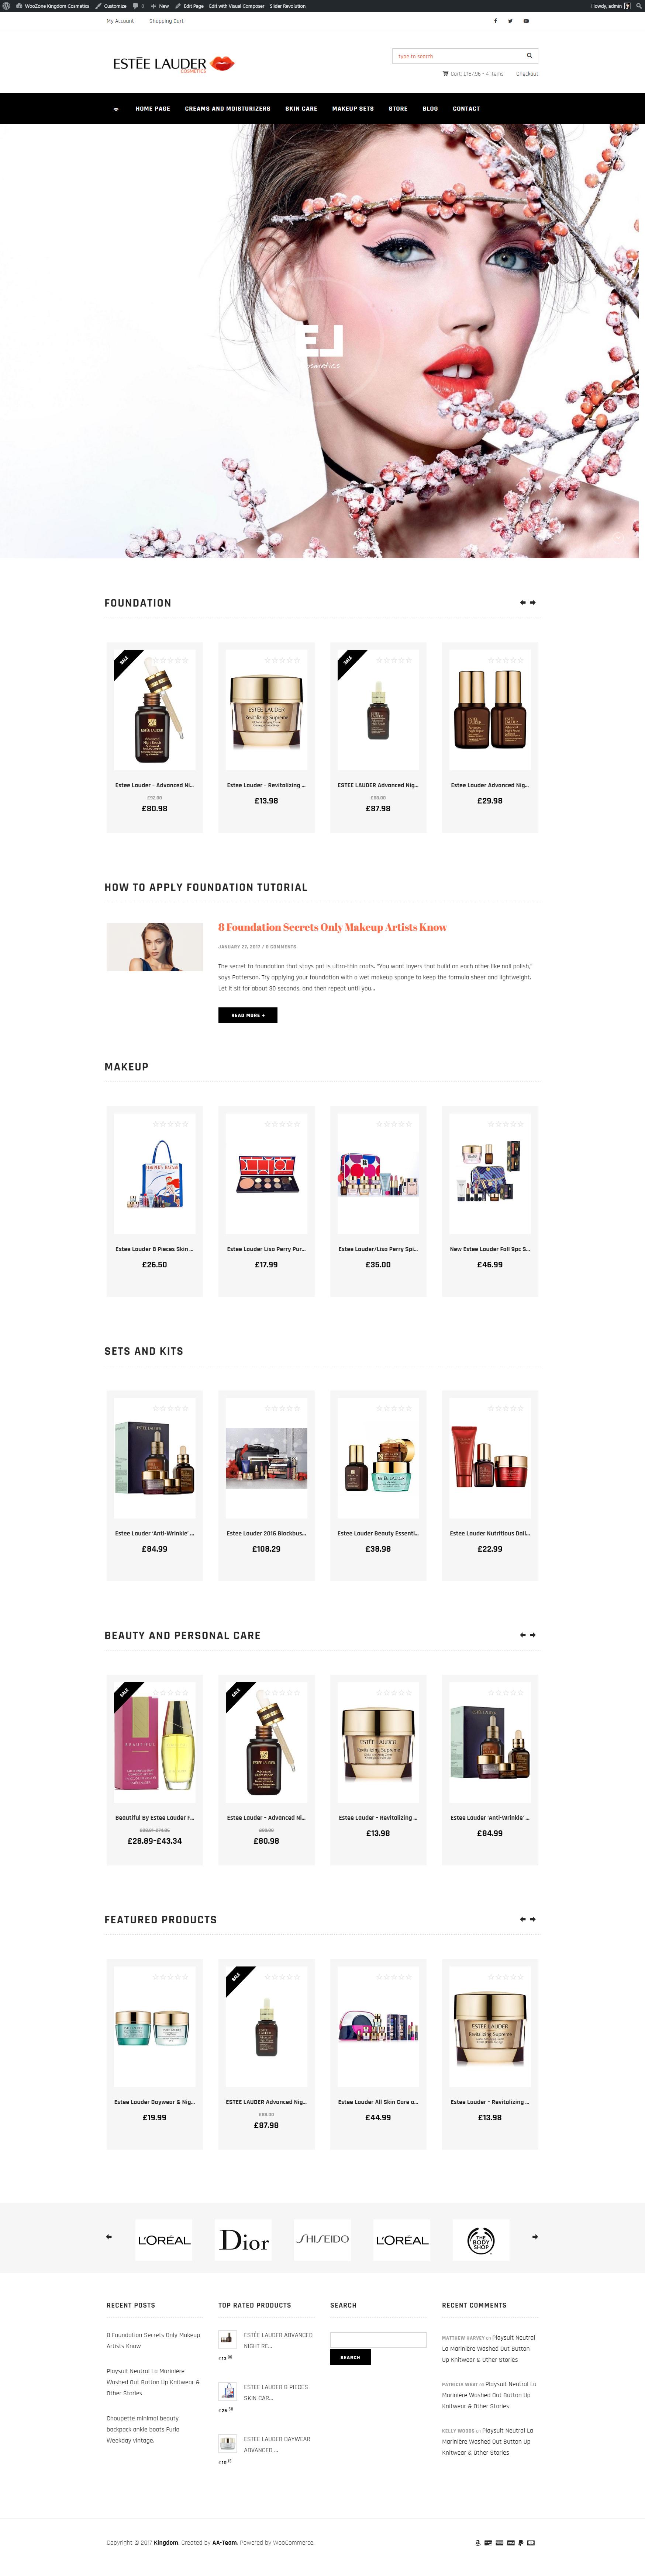 01_homepage